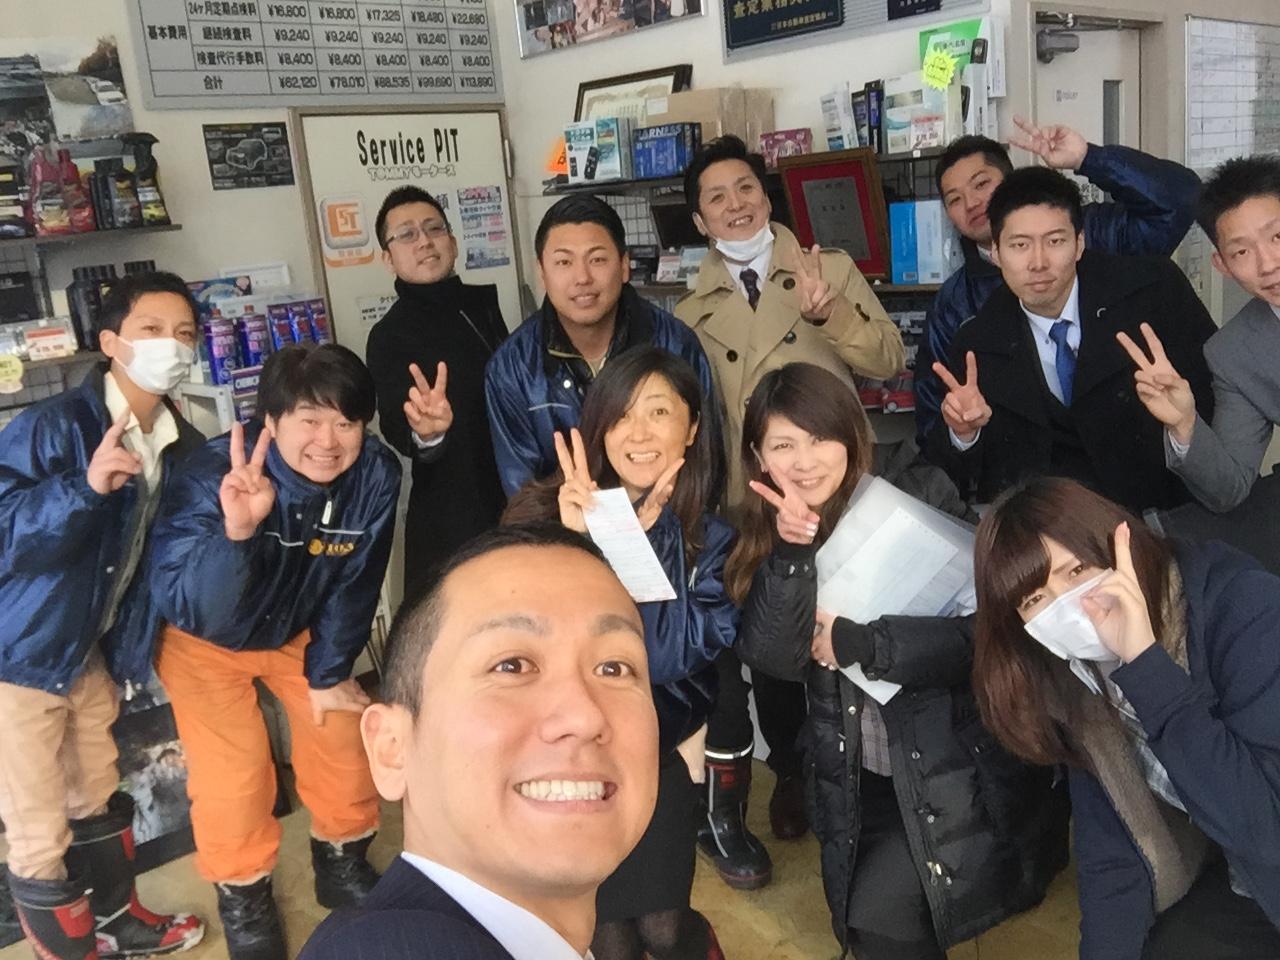 11月30日水曜日のひとログ(。・ω・。) 植東さん卒業!!!今までありがとうございました!_b0127002_17162324.jpg